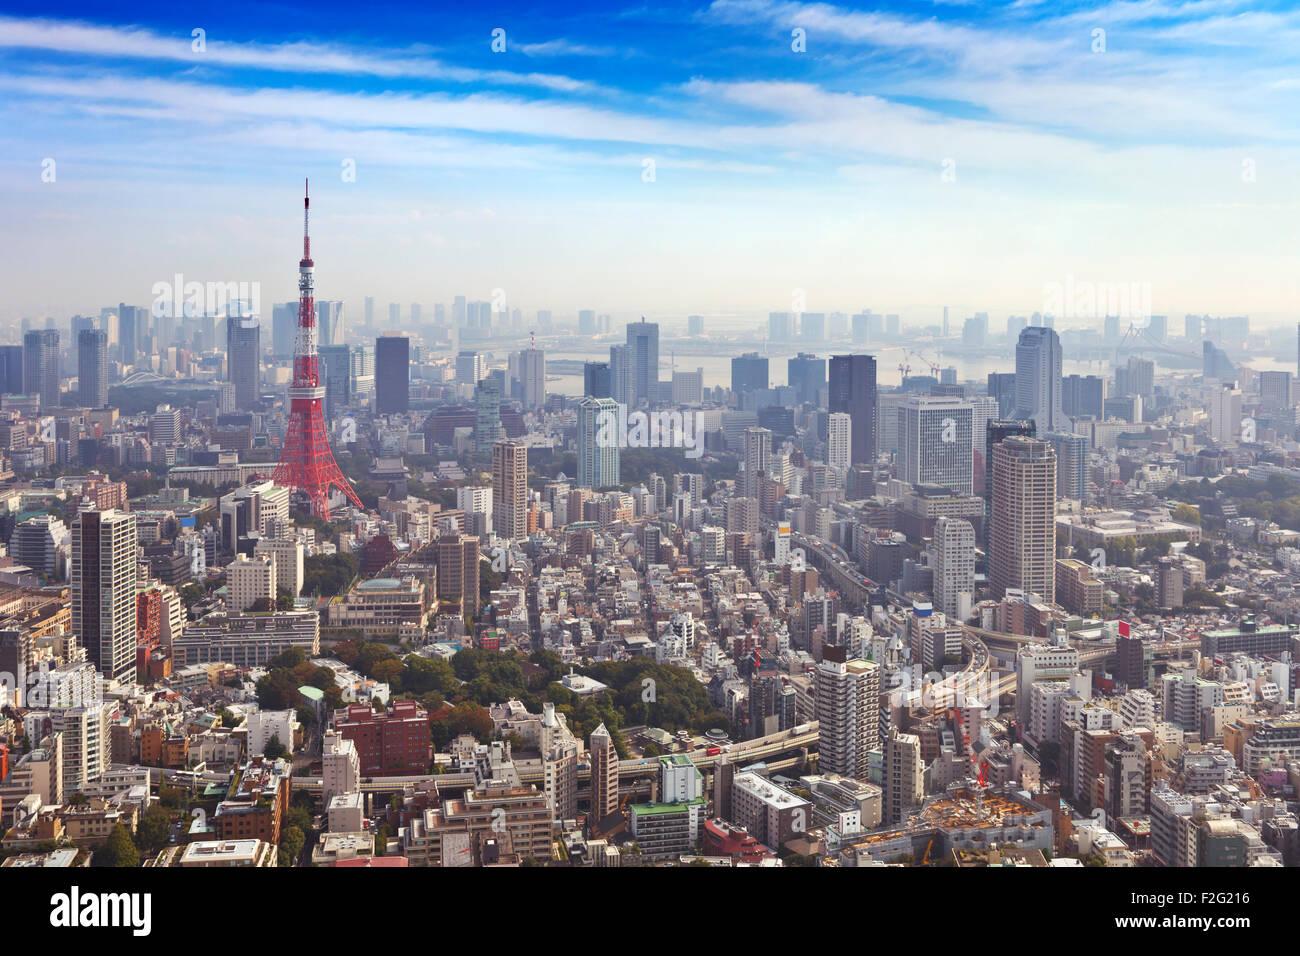 Die Skyline von Tokyo, Japan mit dem Tokyo Tower von oben fotografiert. Stockbild